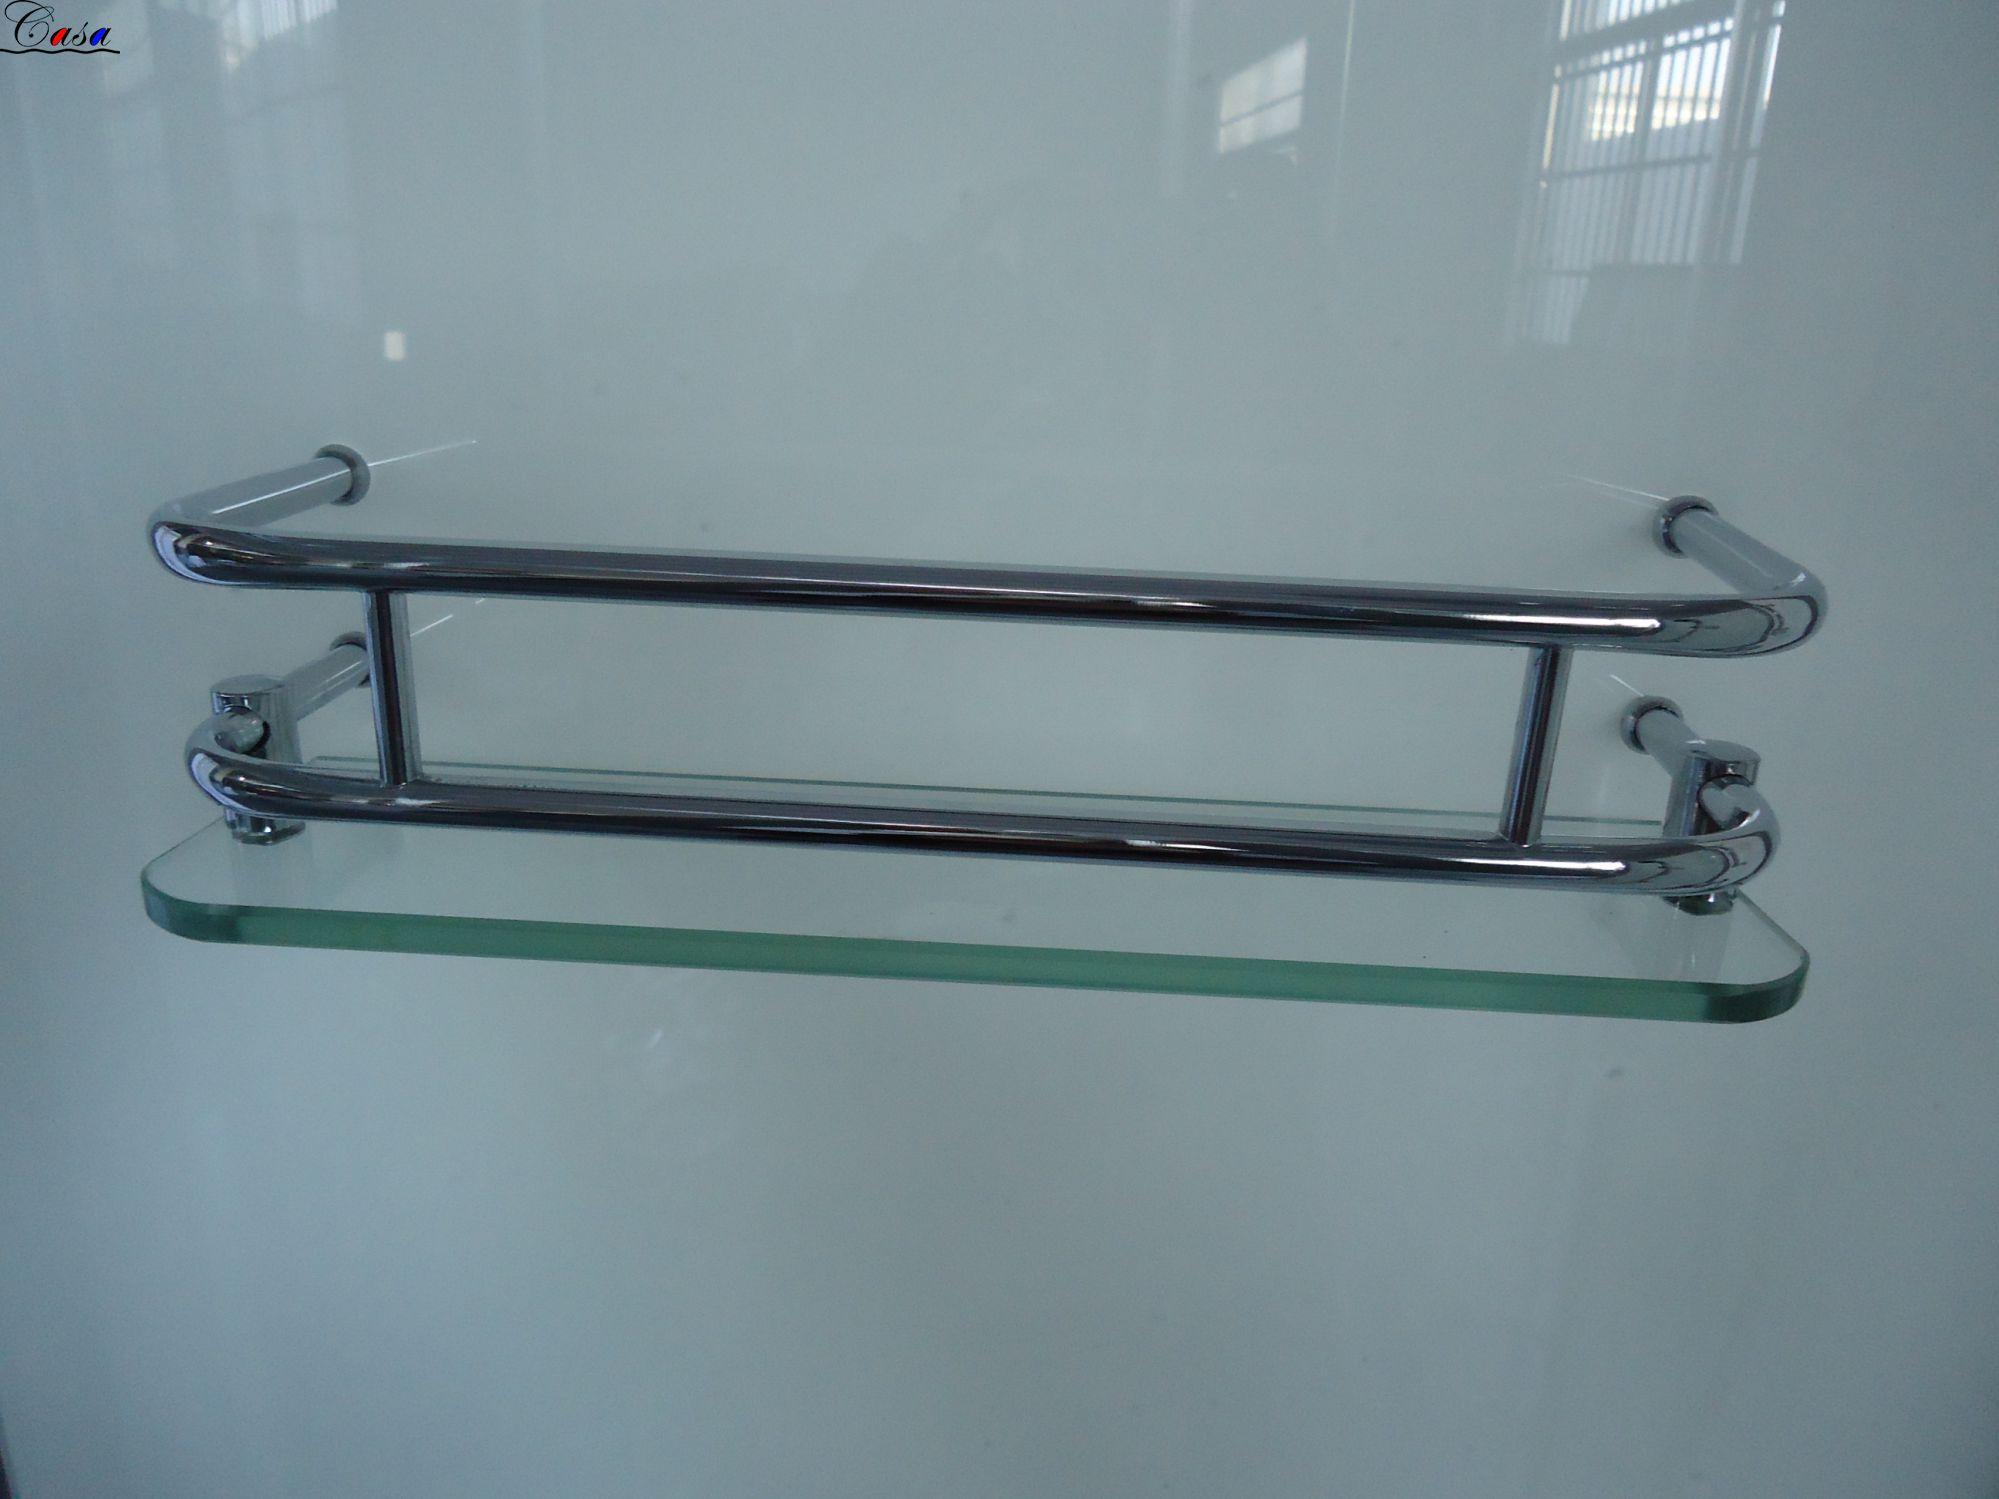 France Hot Selling Shower Room ST-8828-storage rack | France Hot ...